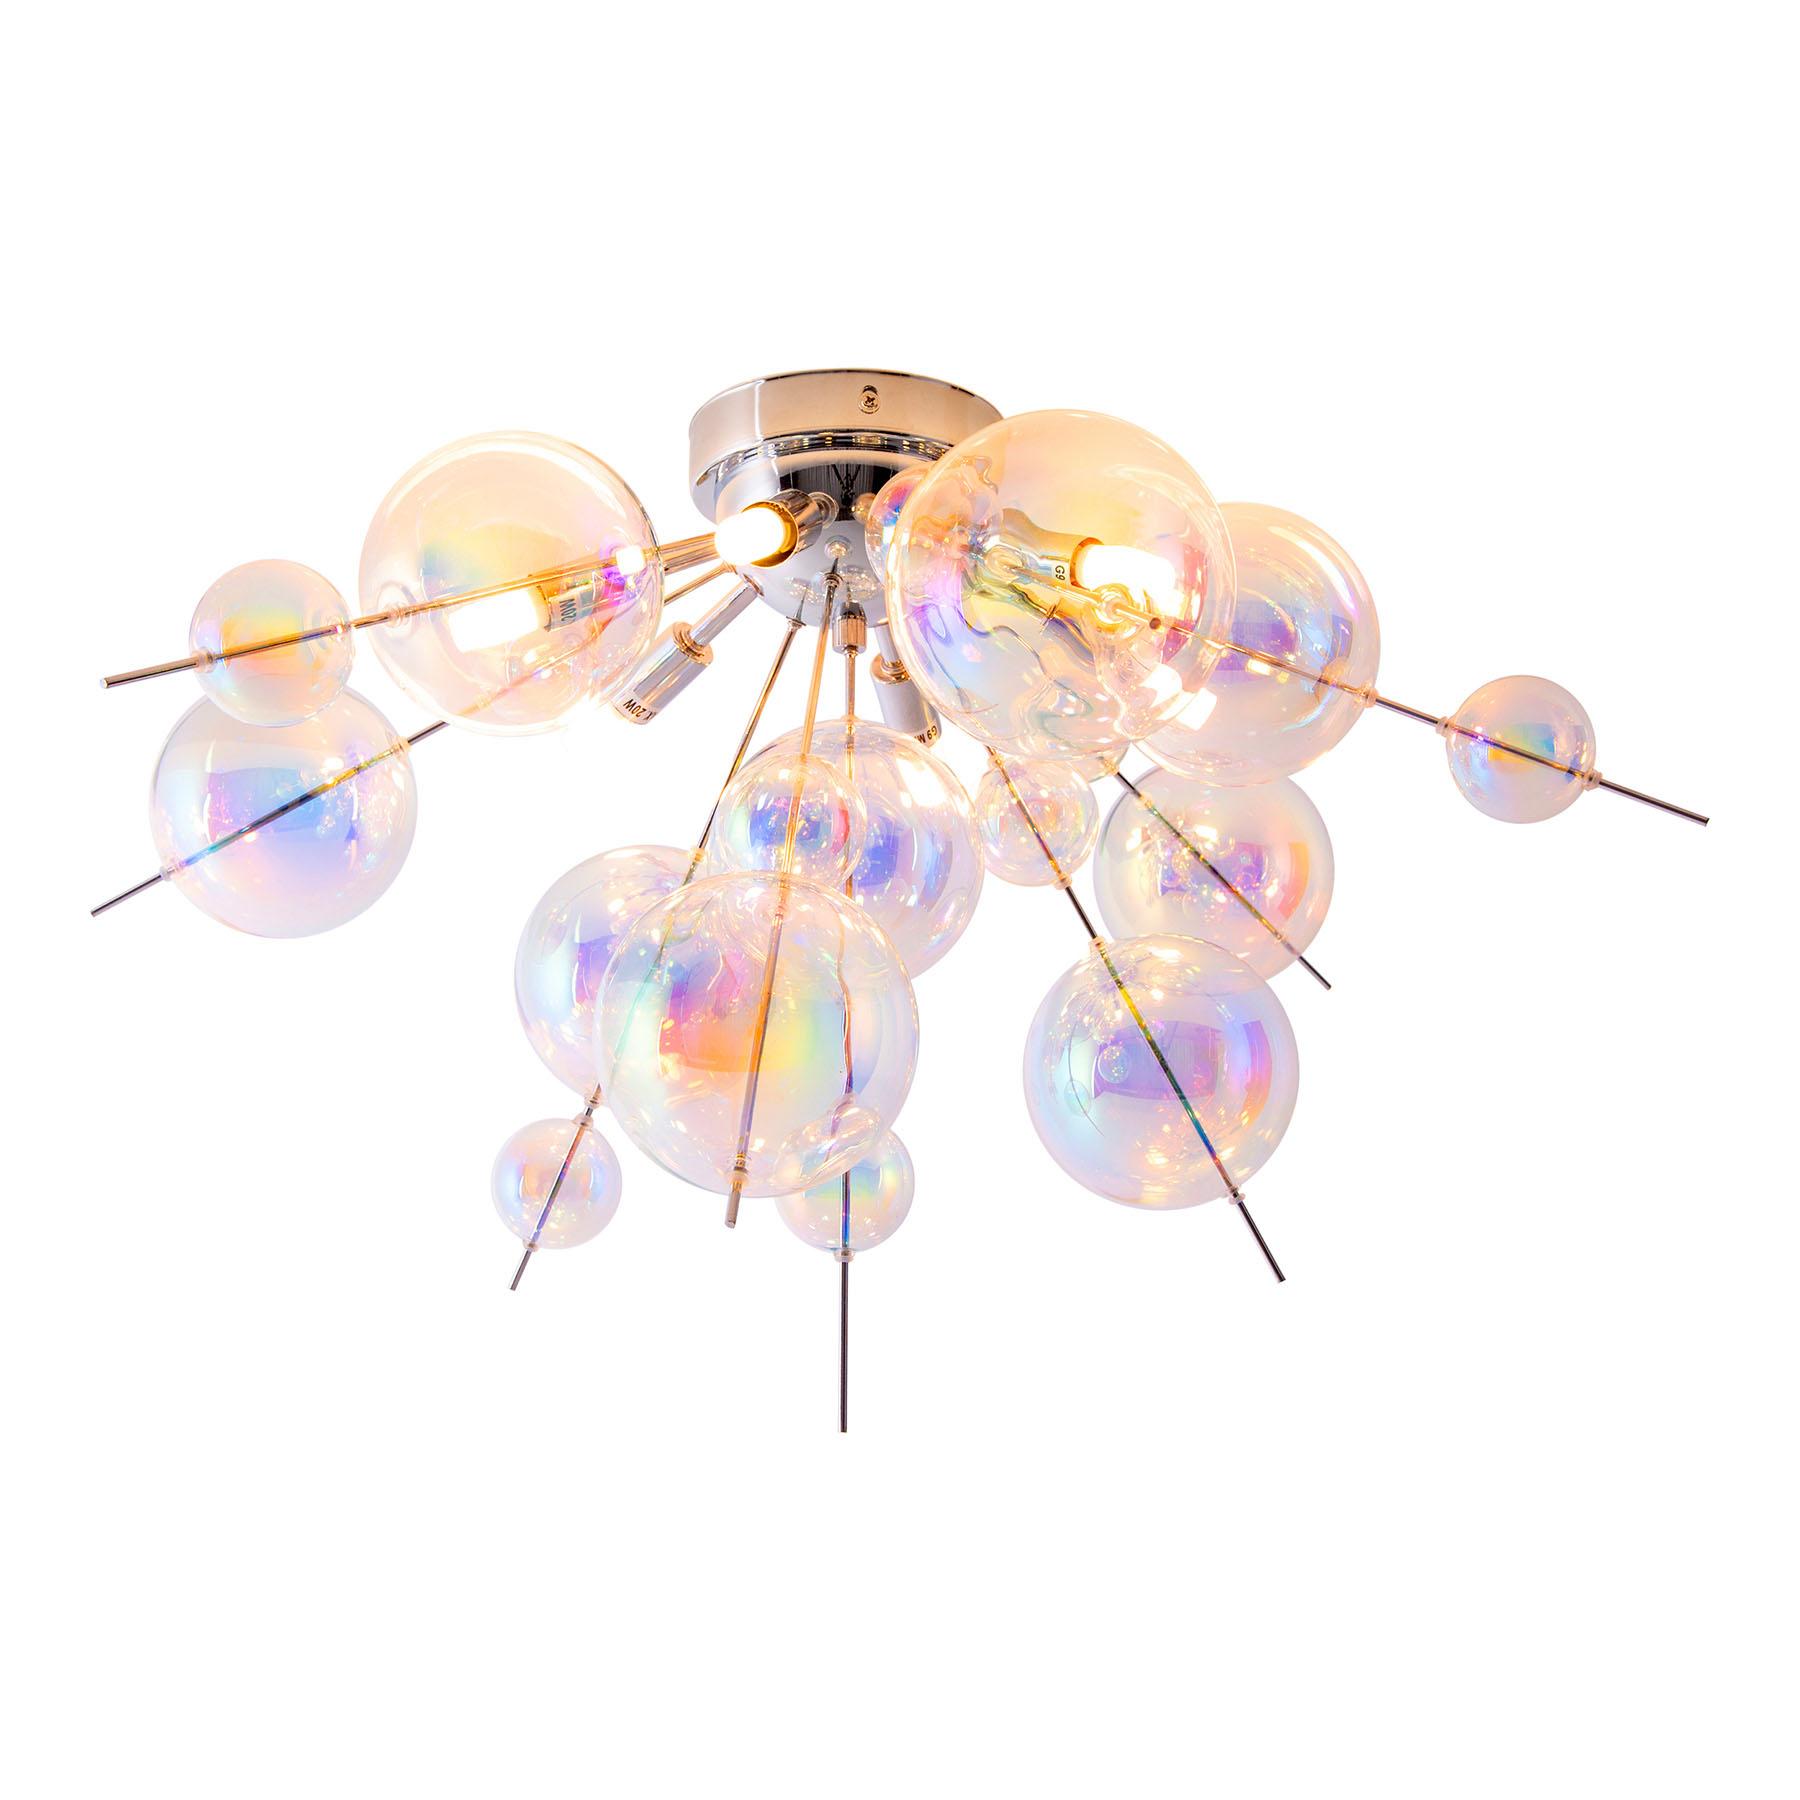 Plafonnier Explosion en verre, à 6 lampes